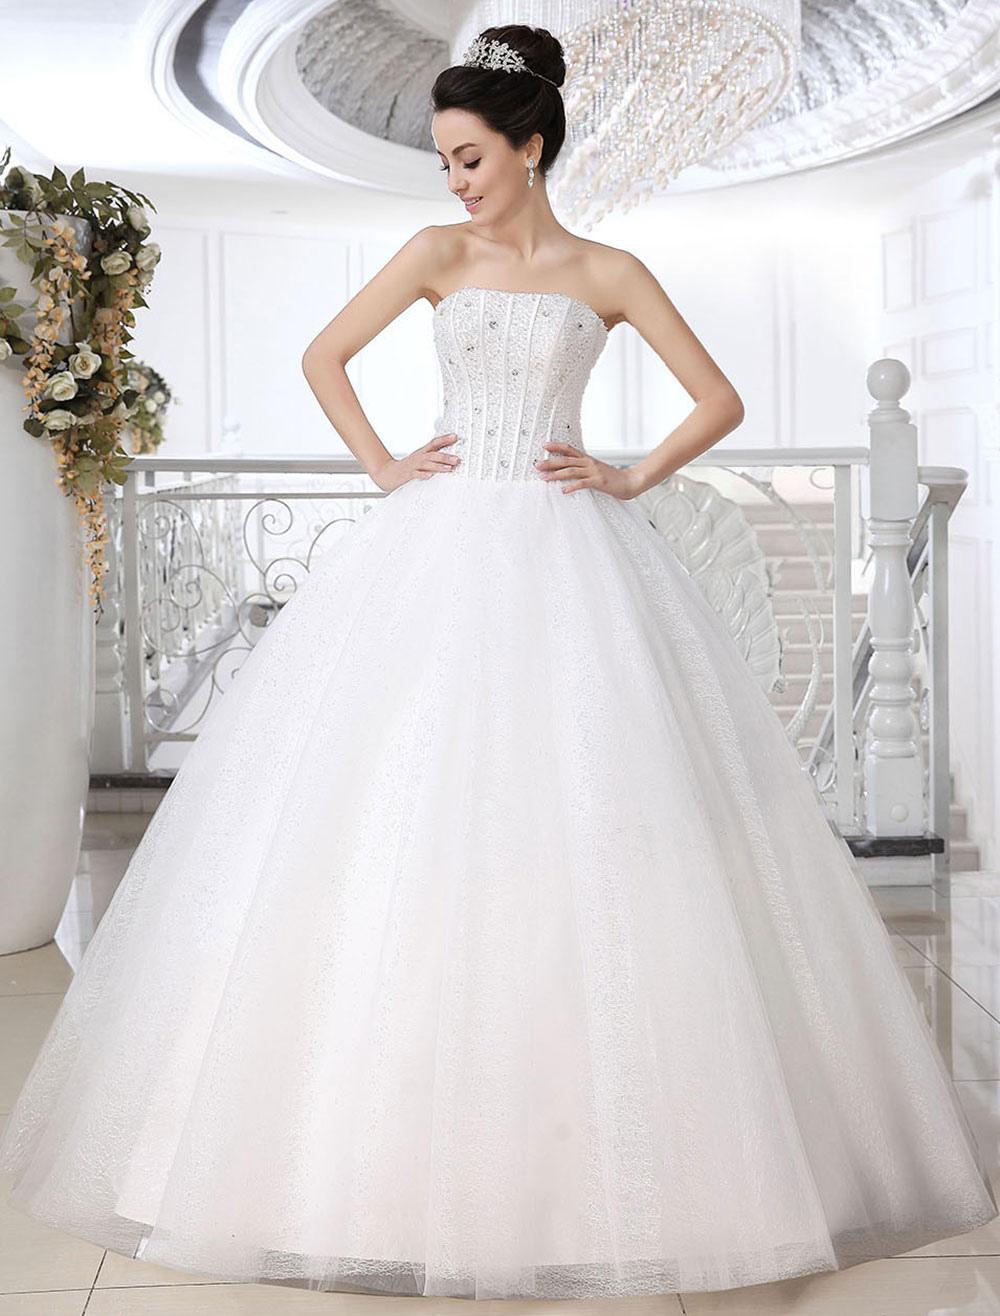 Abiti Da Sposa Moderni.Abito Da Sposa Bianco Moderno In Tulle Con Perline Senza Spalline